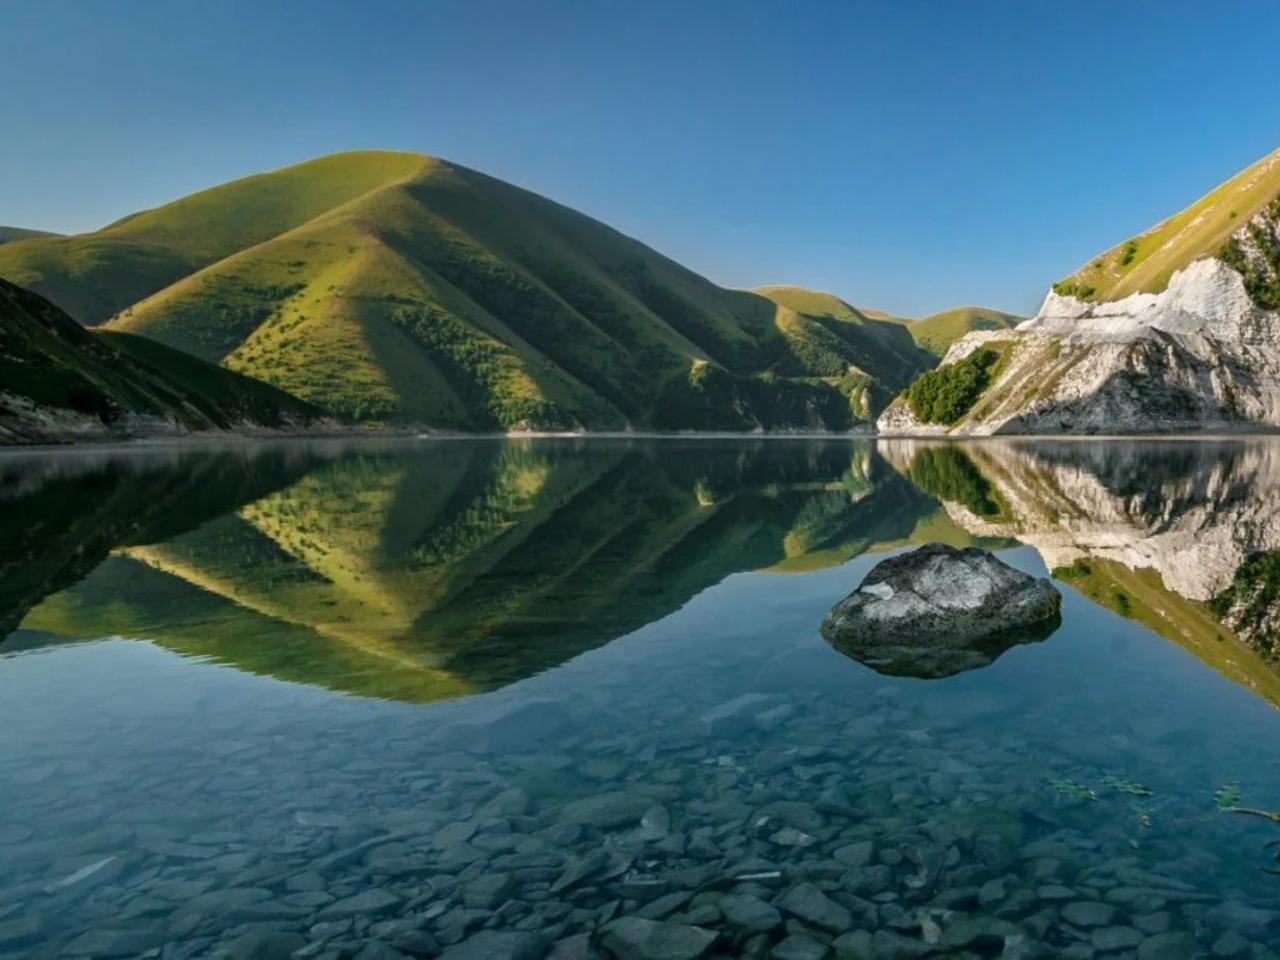 Добро пожаловать в Чечню: озера, водопады, башни! - индивидуальная экскурсия в Грозном от опытного гида